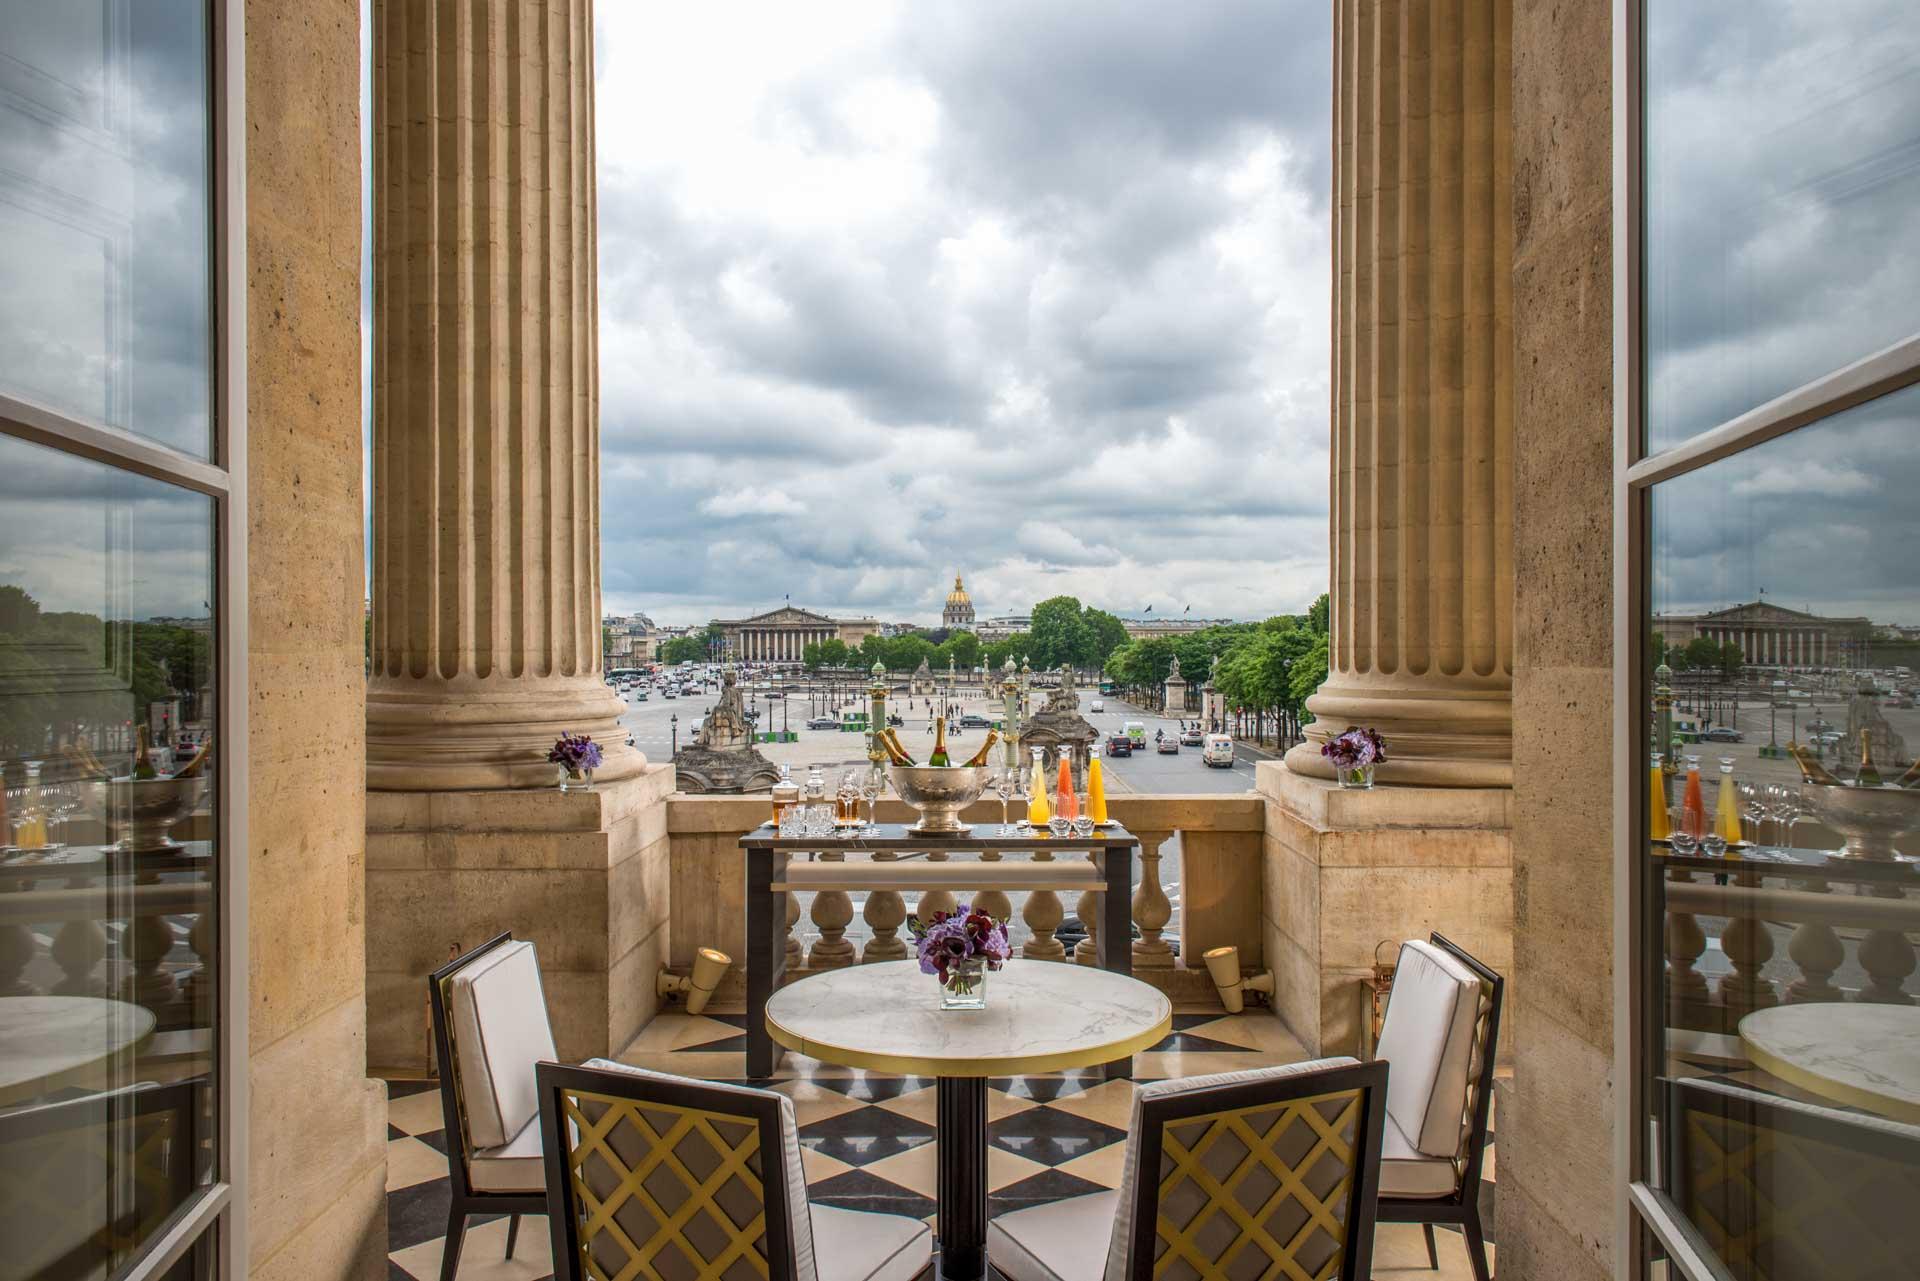 Le Salon Marie-Antoinette et sa terrasse sur la place de la Concorde © Hôtel de Crillon, A Rosewood Hotel